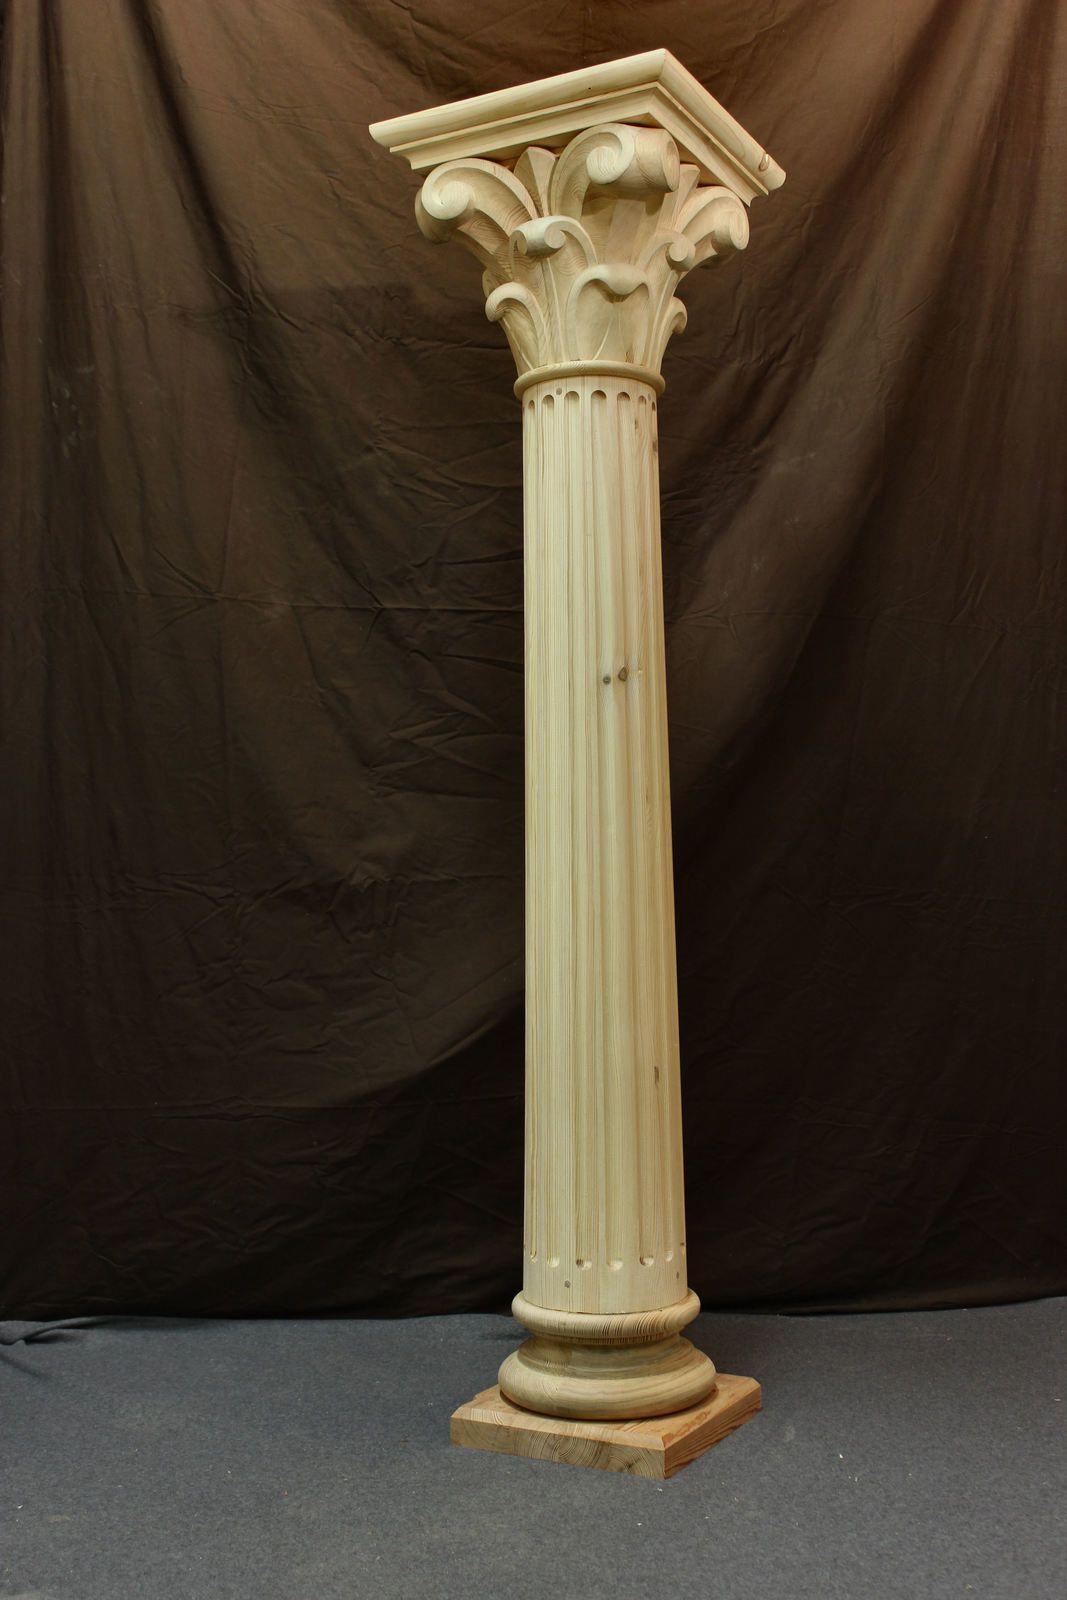 Les colonne ont été réalisées par le facteur d'orgue selon la méthode de Roubo (l'art du menuisier)